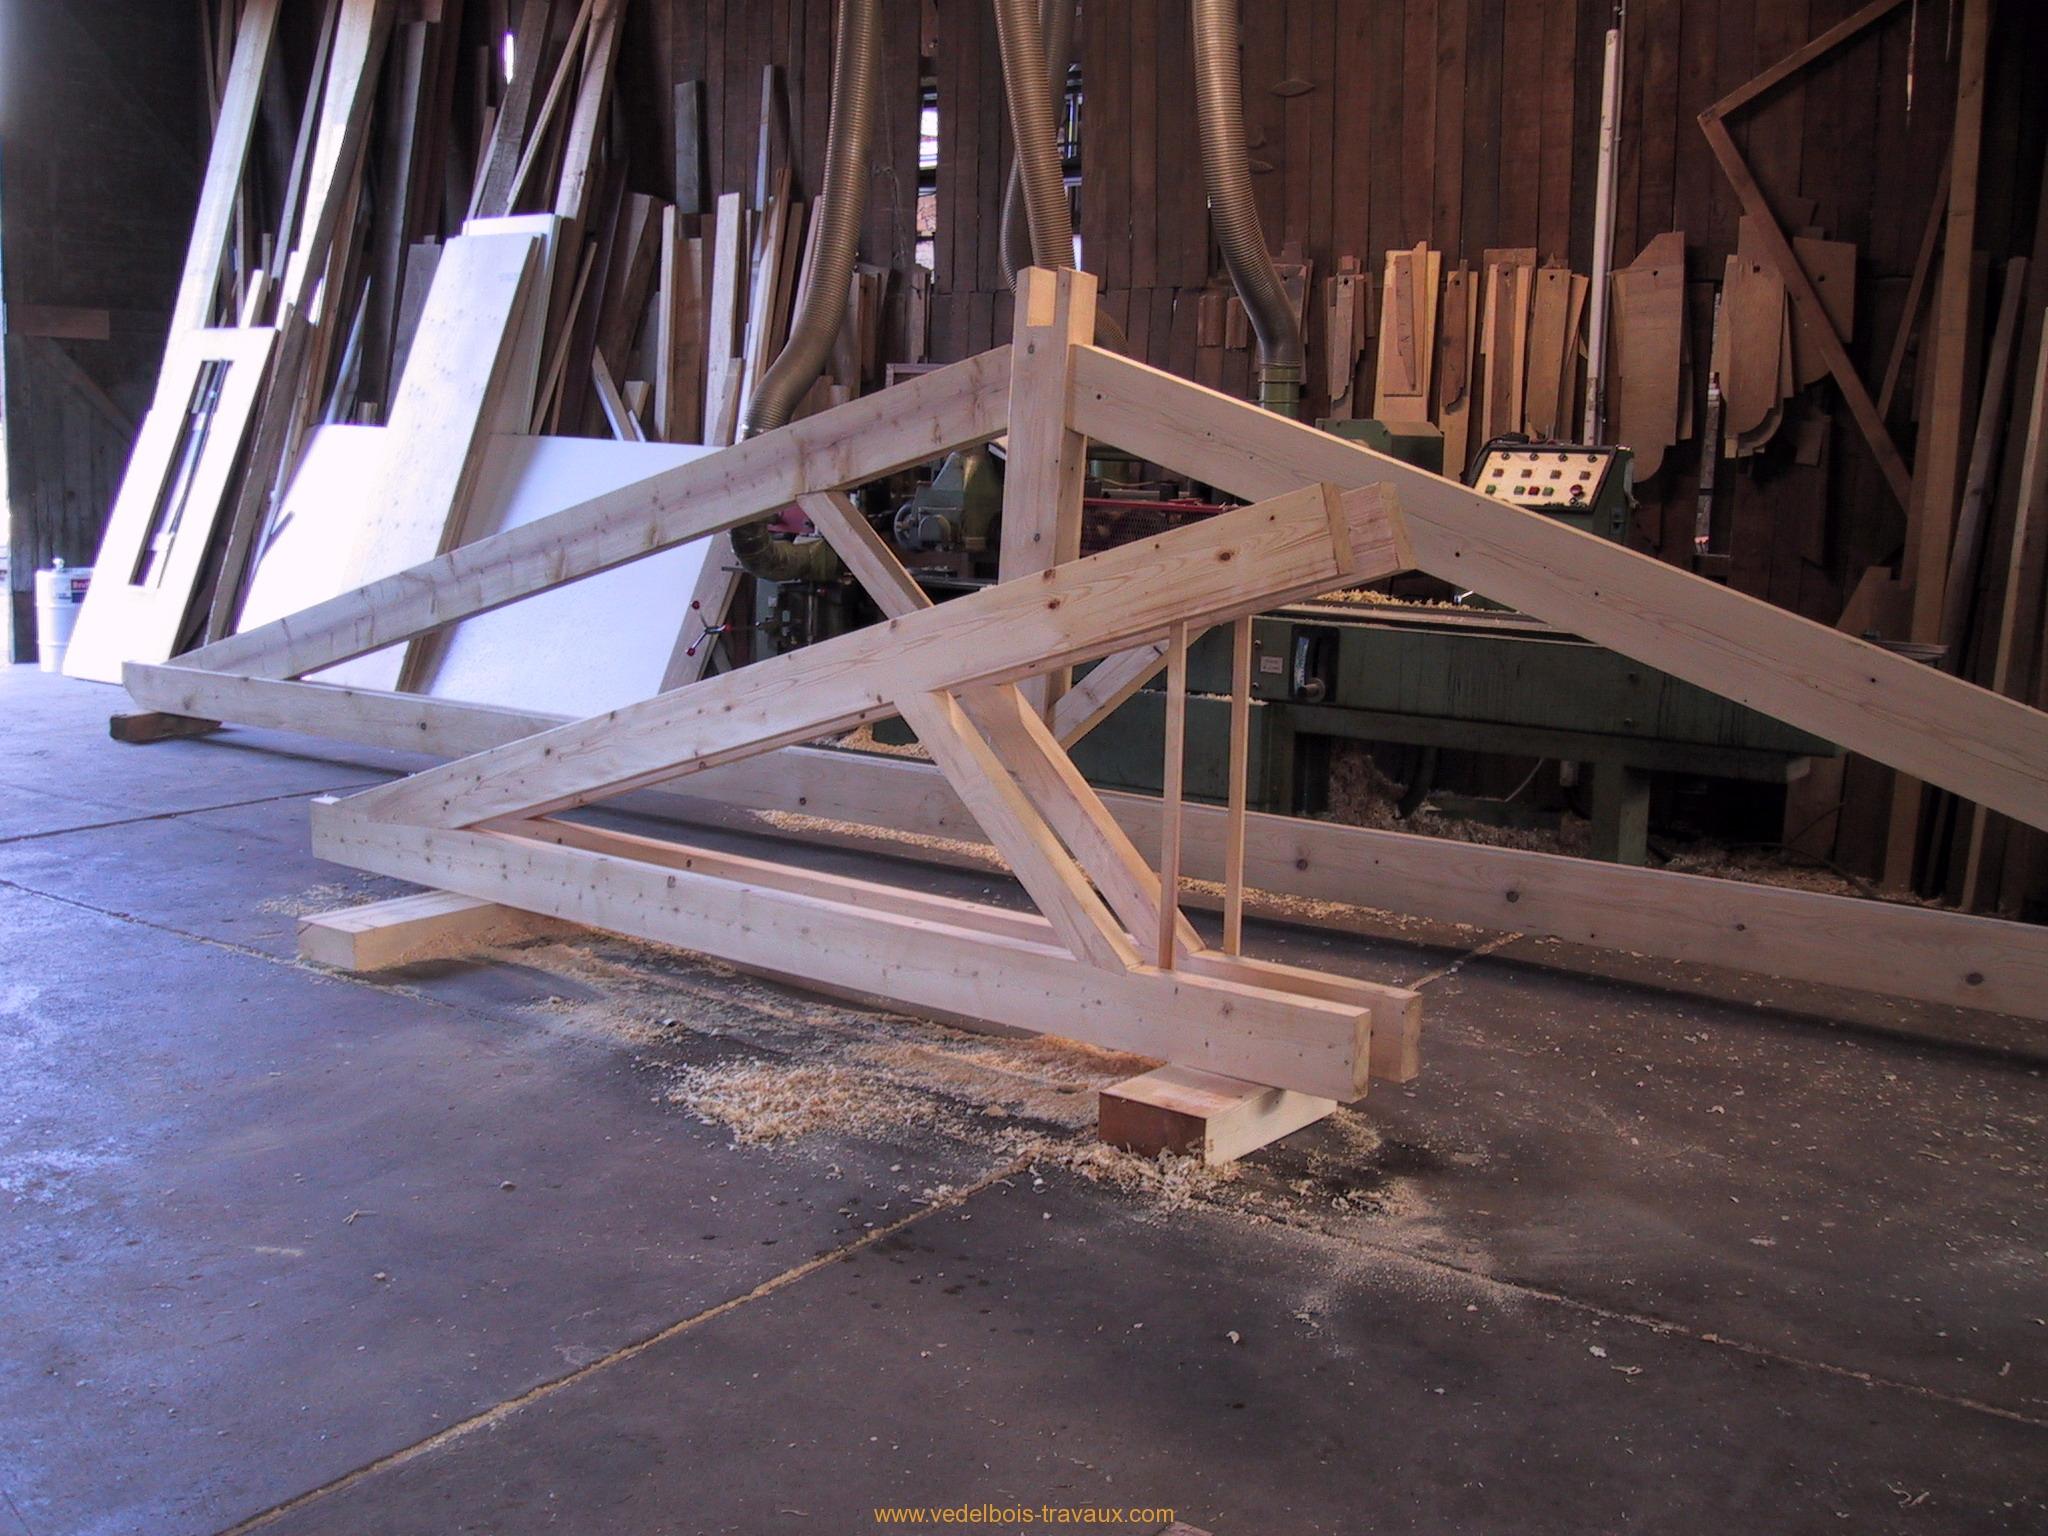 ferme charpente traditionnelle archives sarl vedel. Black Bedroom Furniture Sets. Home Design Ideas